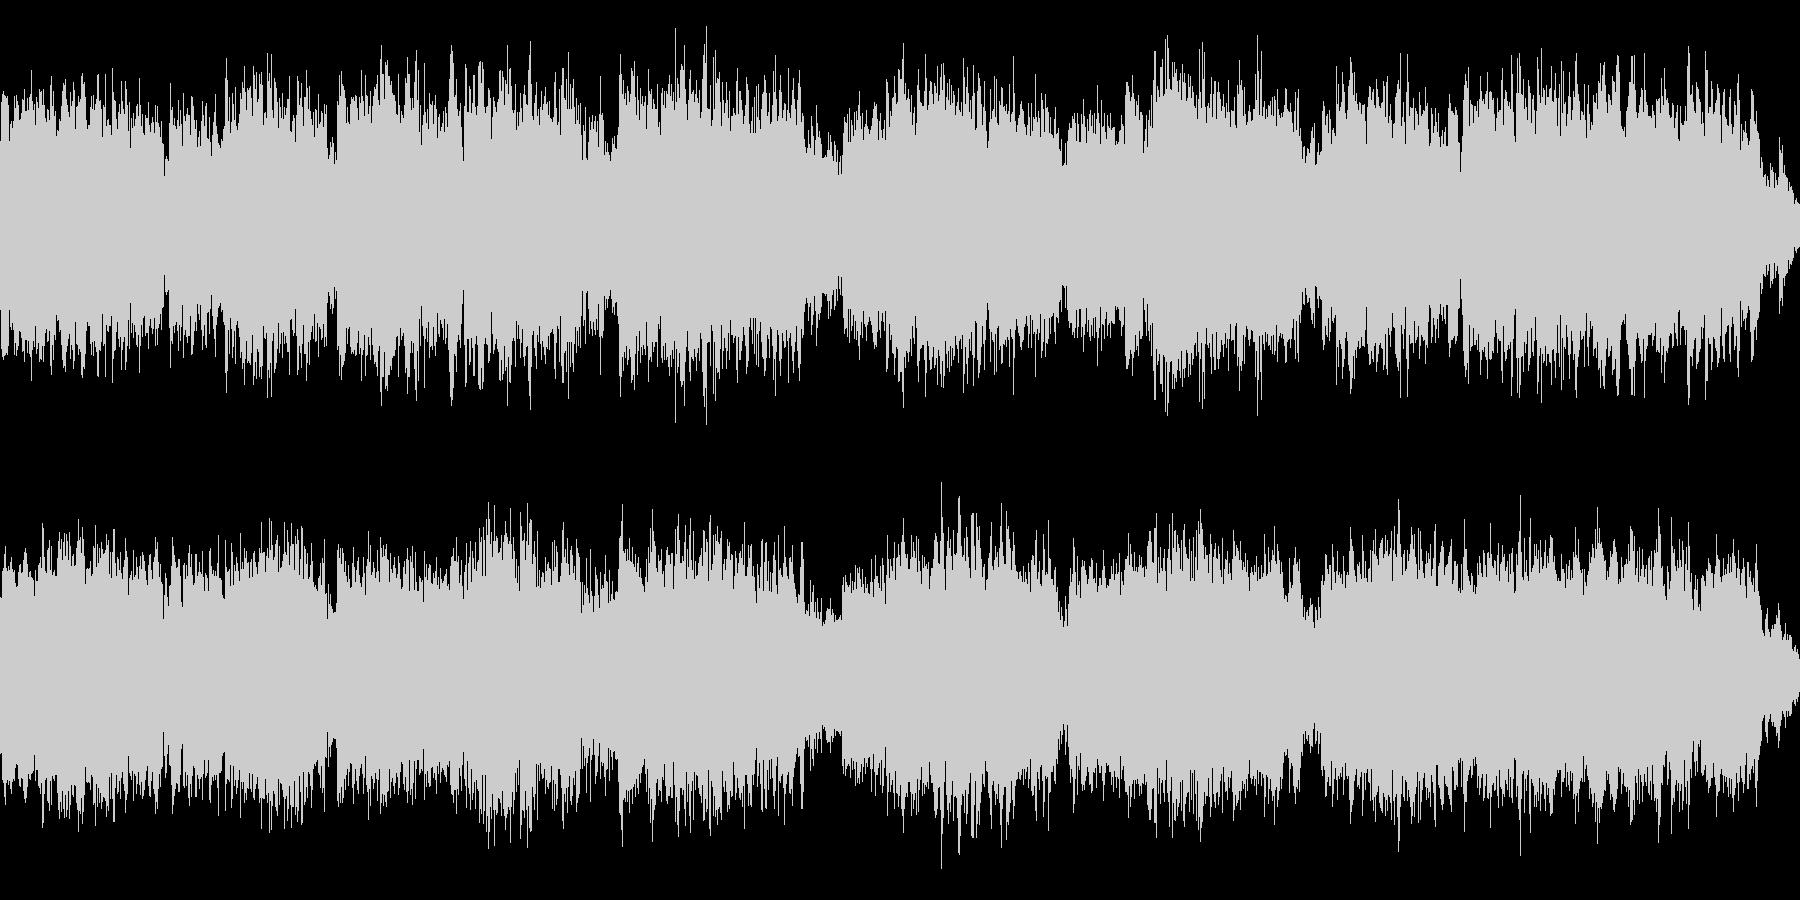 桜をイメージした切ない曲[ループ用]の未再生の波形